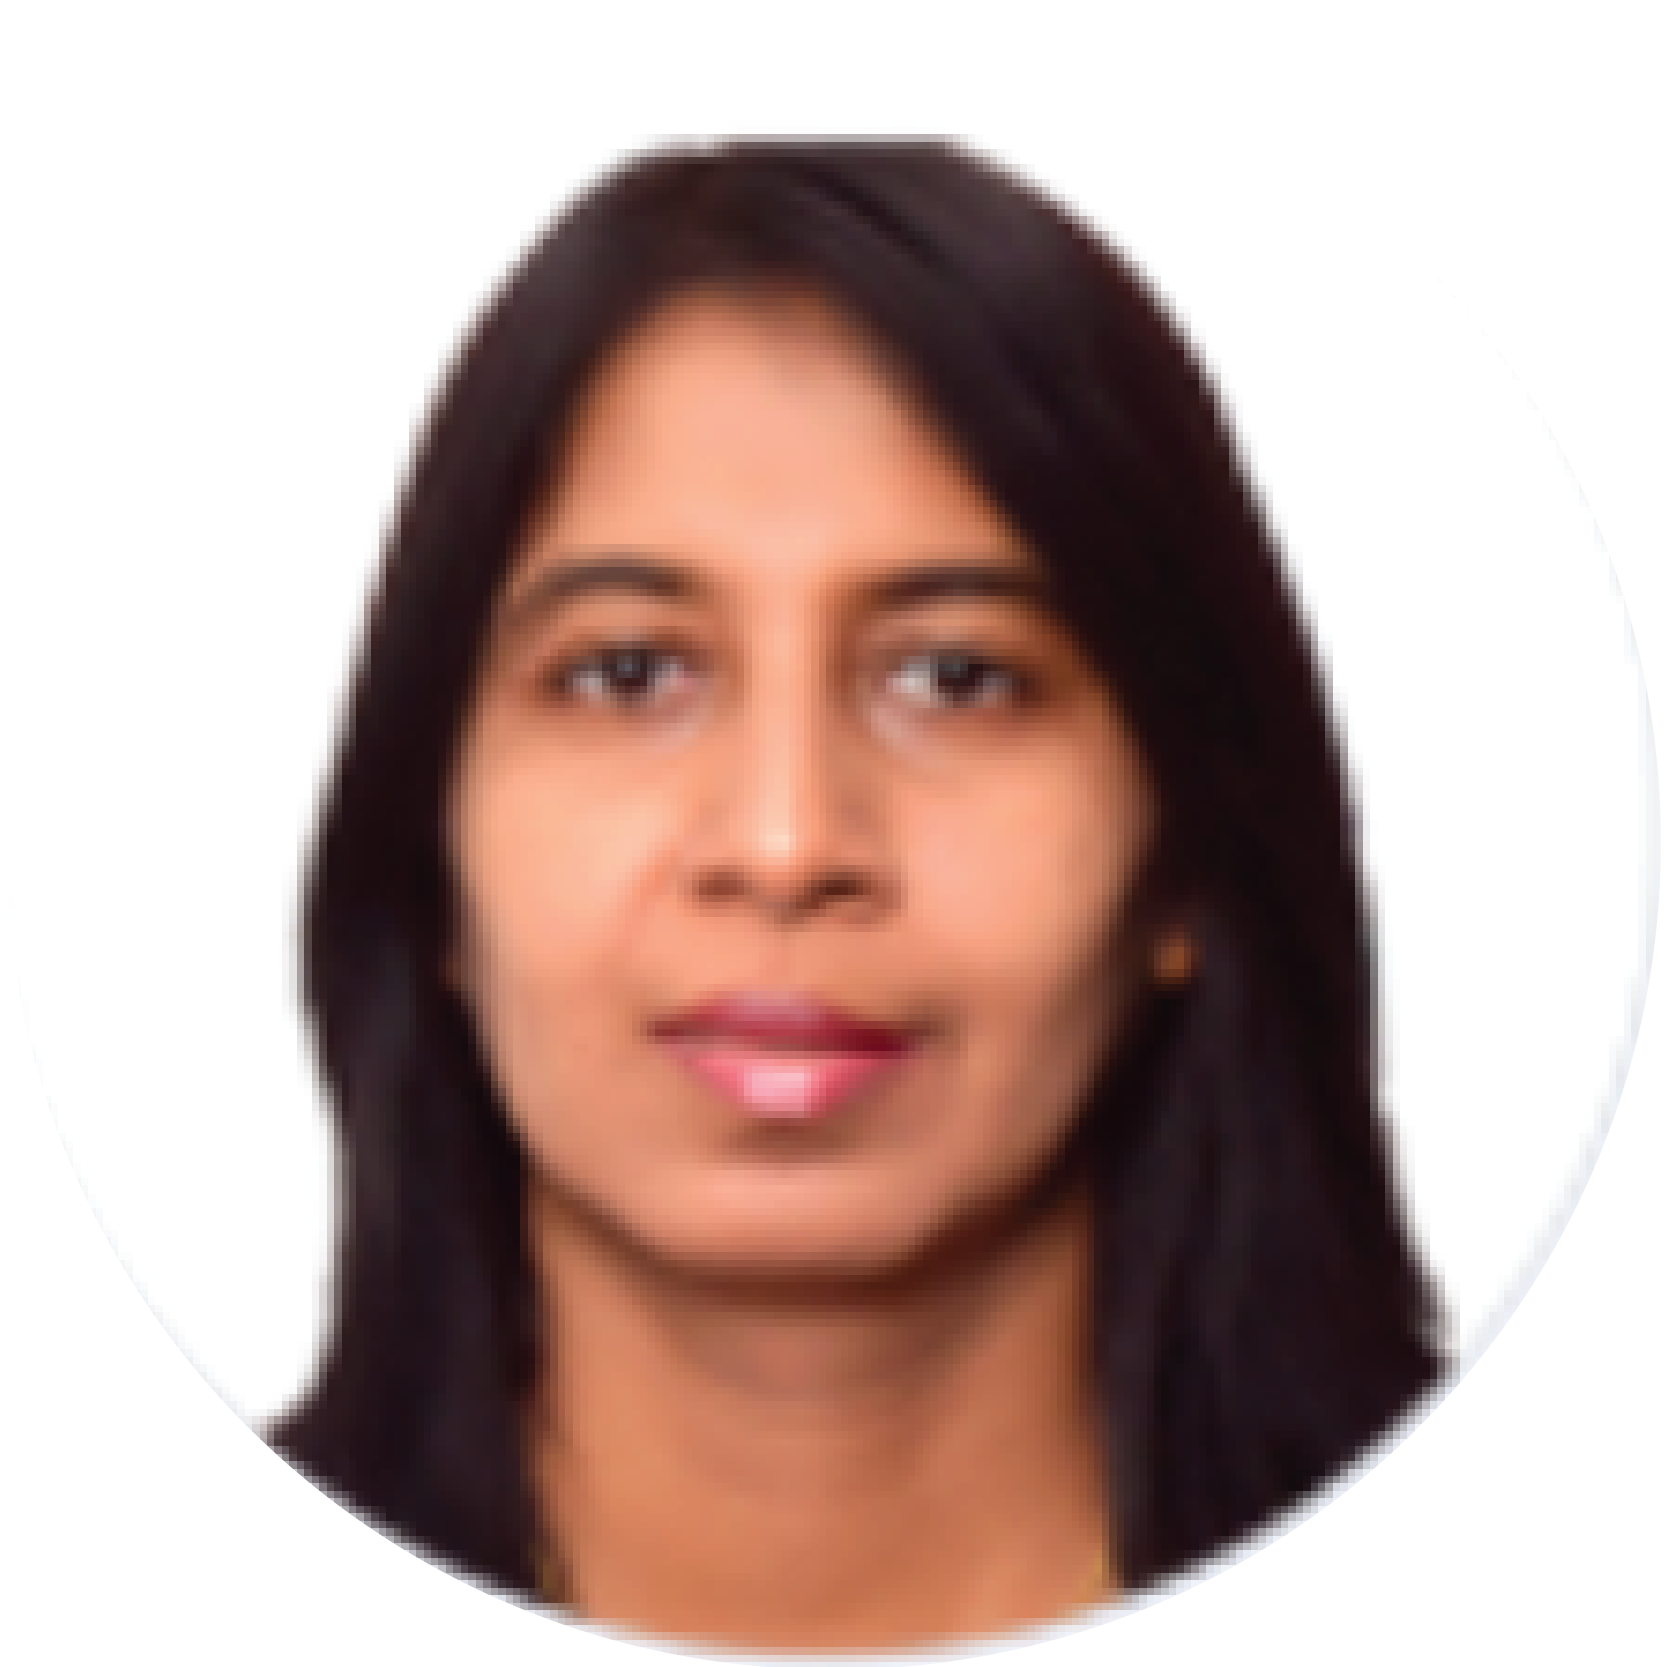 Dr. Malika Weerasinghe